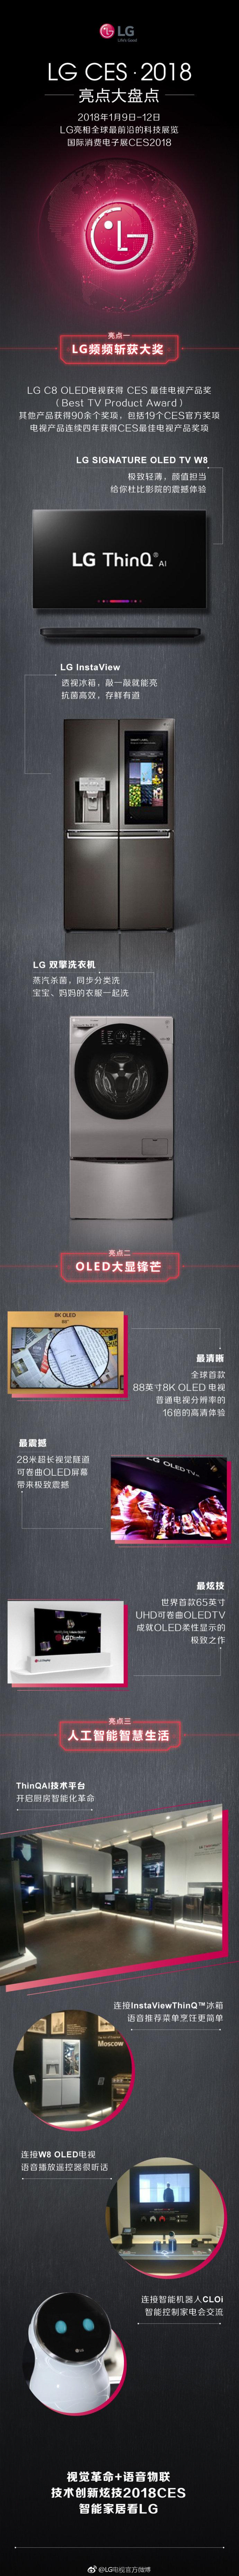 一张图看懂LG C8 OLED电视如何斩获2018CES大奖